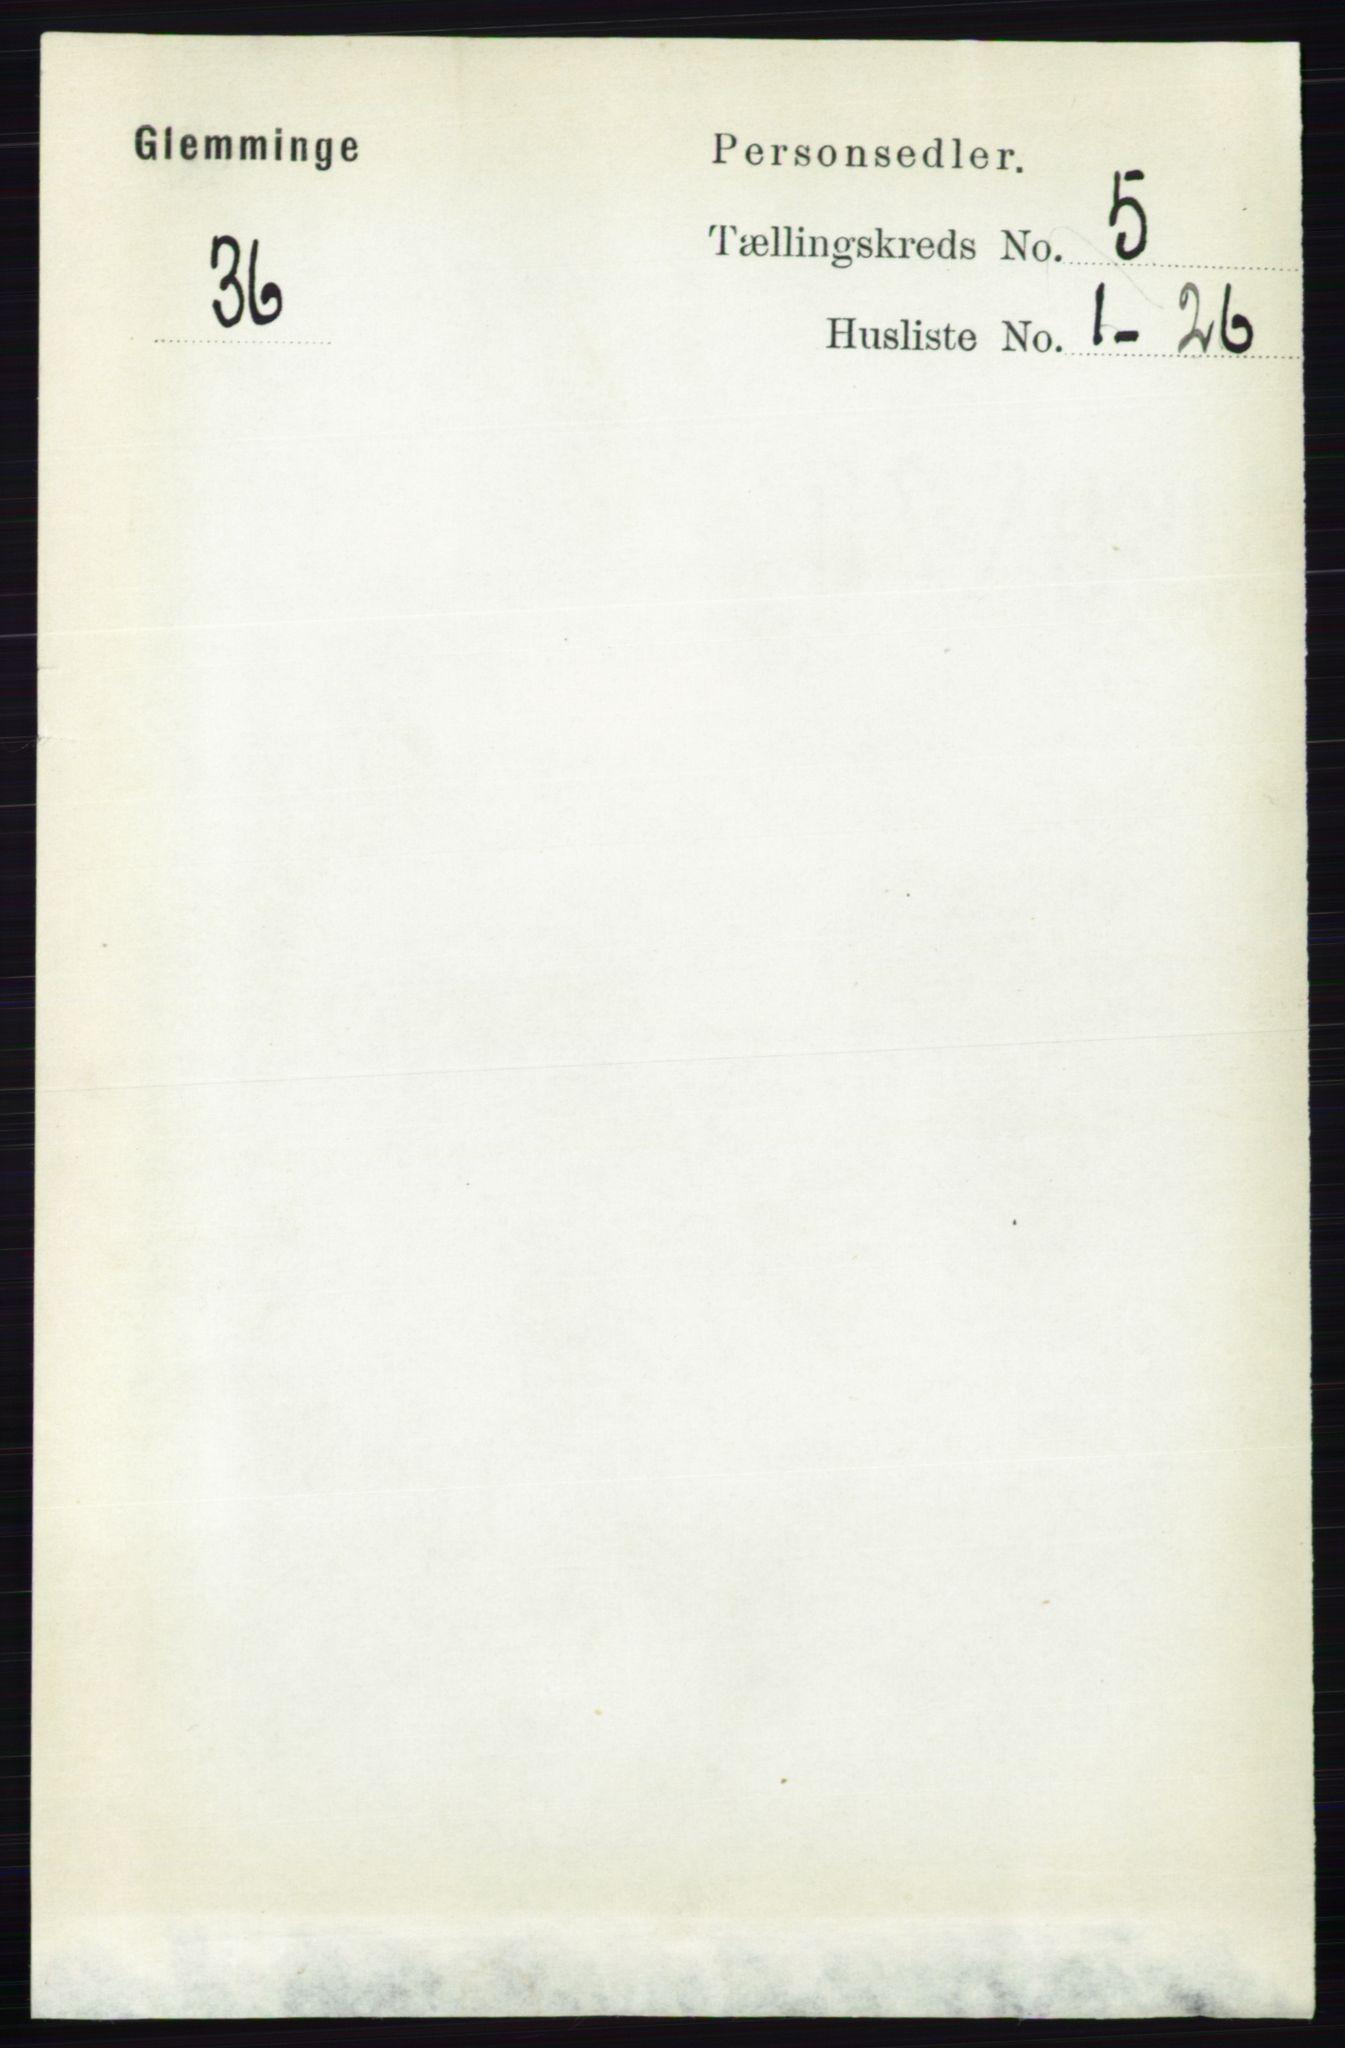 RA, Folketelling 1891 for 0132 Glemmen herred, 1891, s. 6047